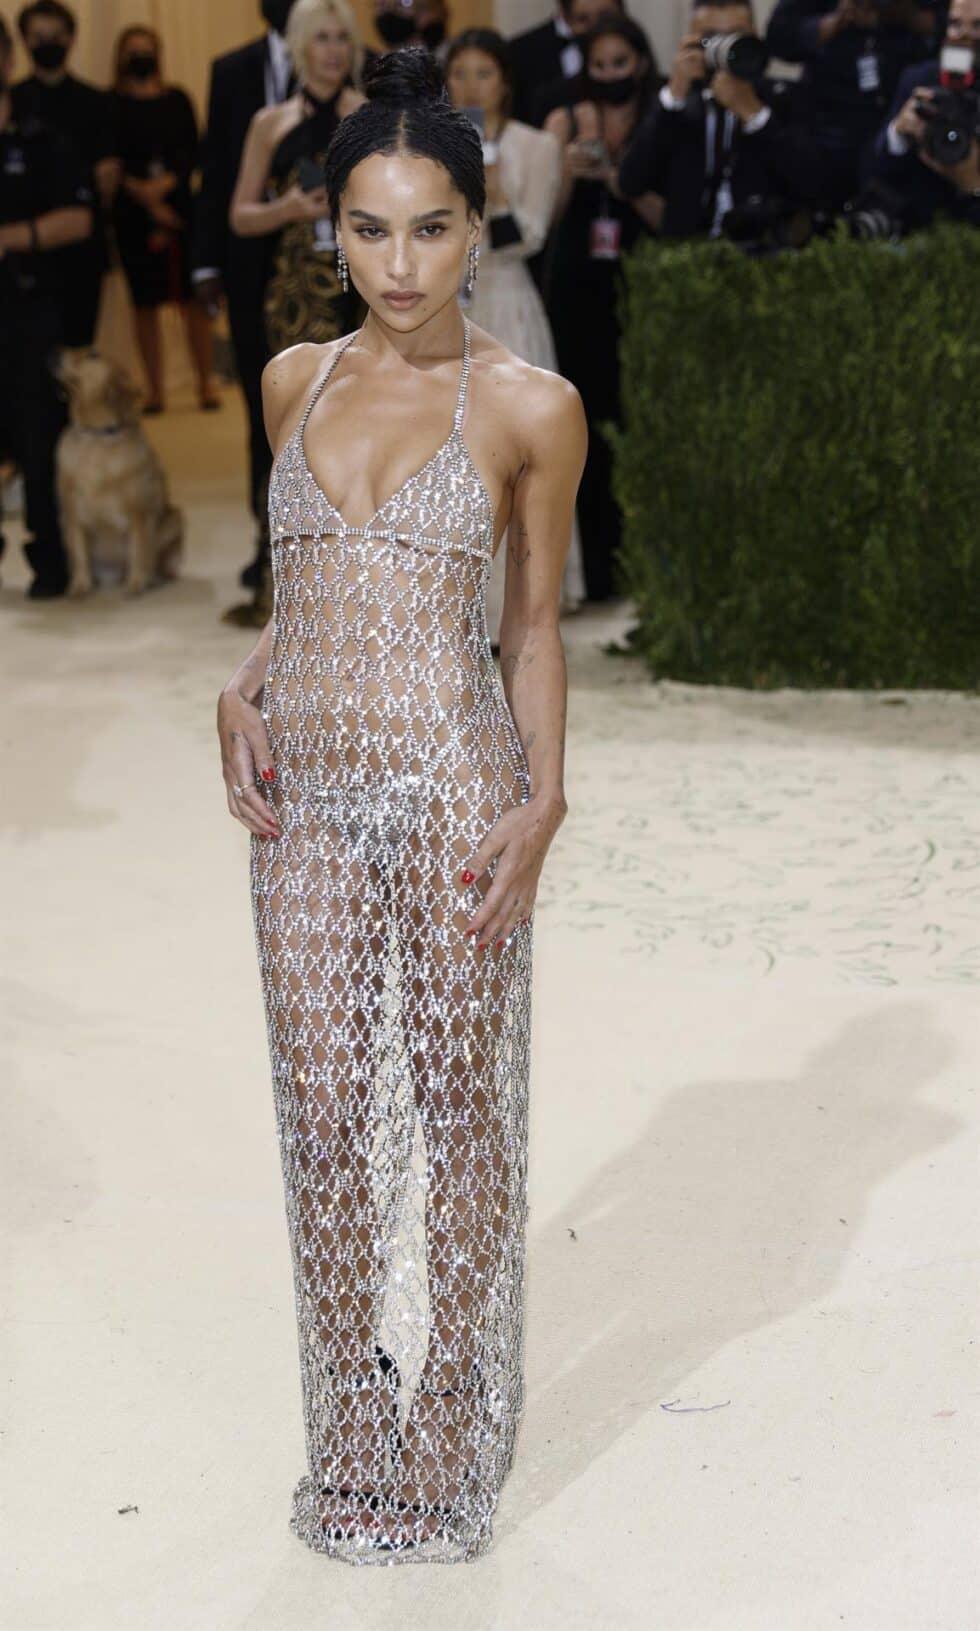 La actriz Zoe Kravitz posa enfundada en un vestido 'nude' de Saint Laurent